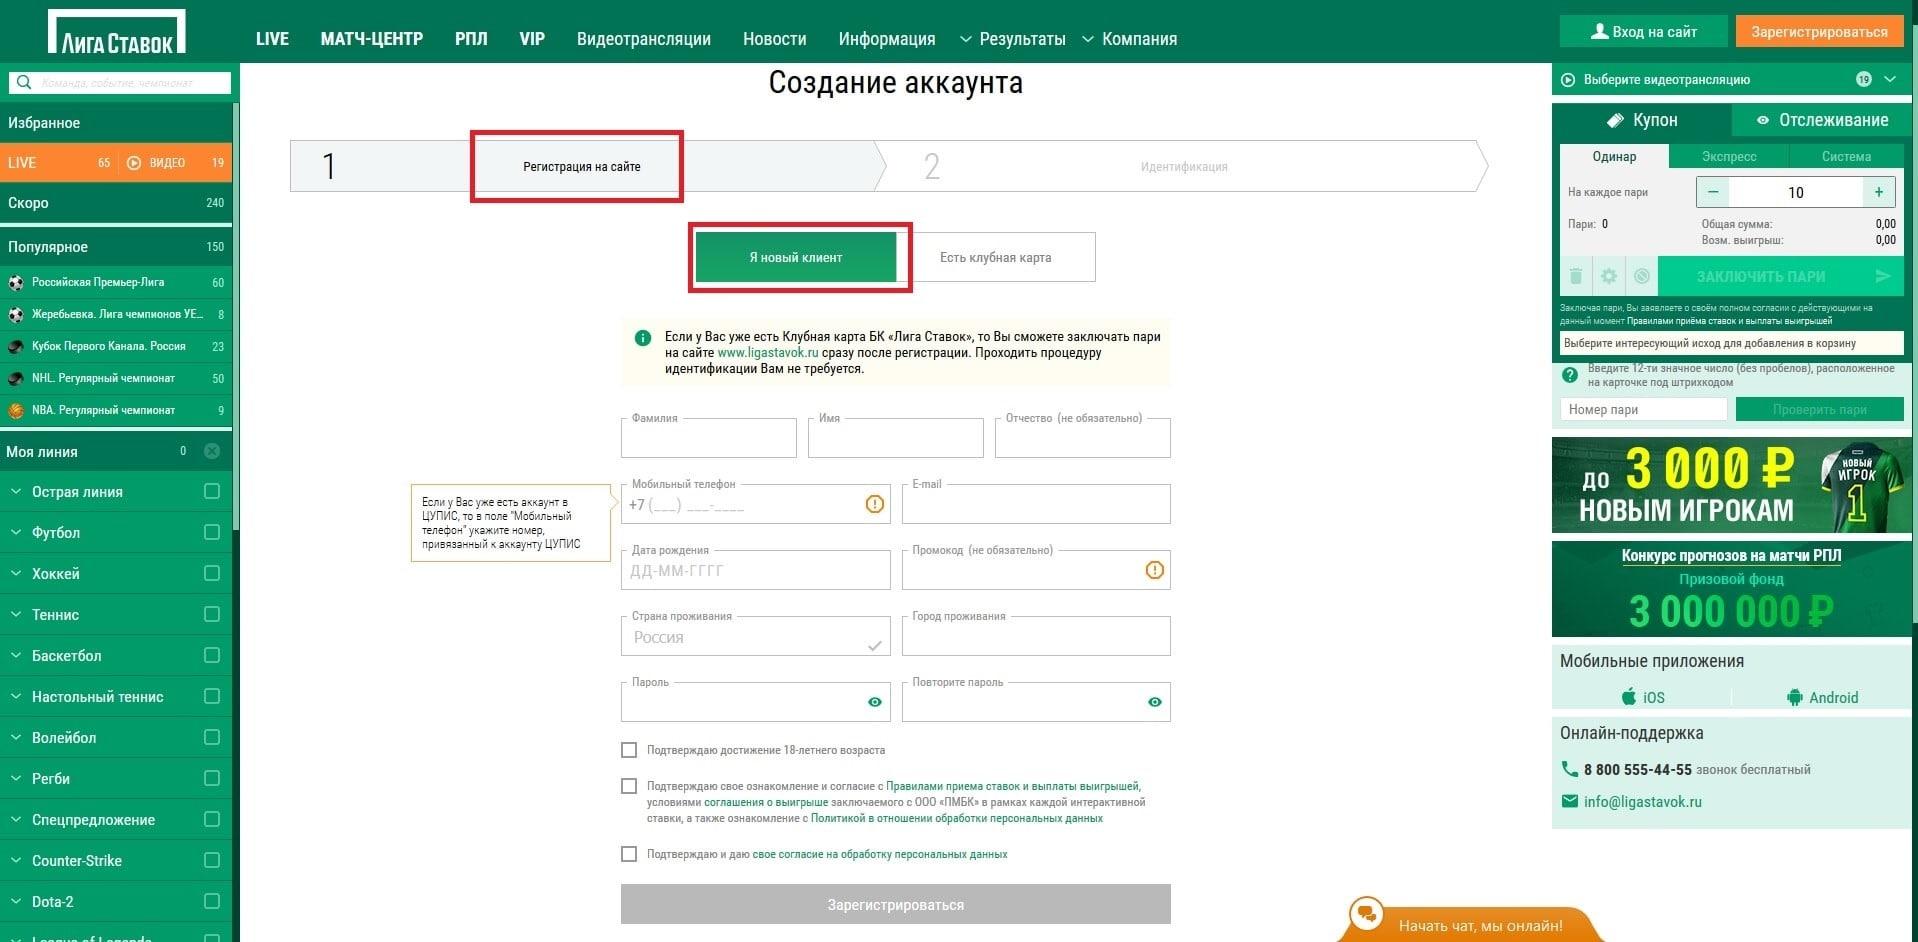 Форма регистрации на сайте БК Liga Stavok